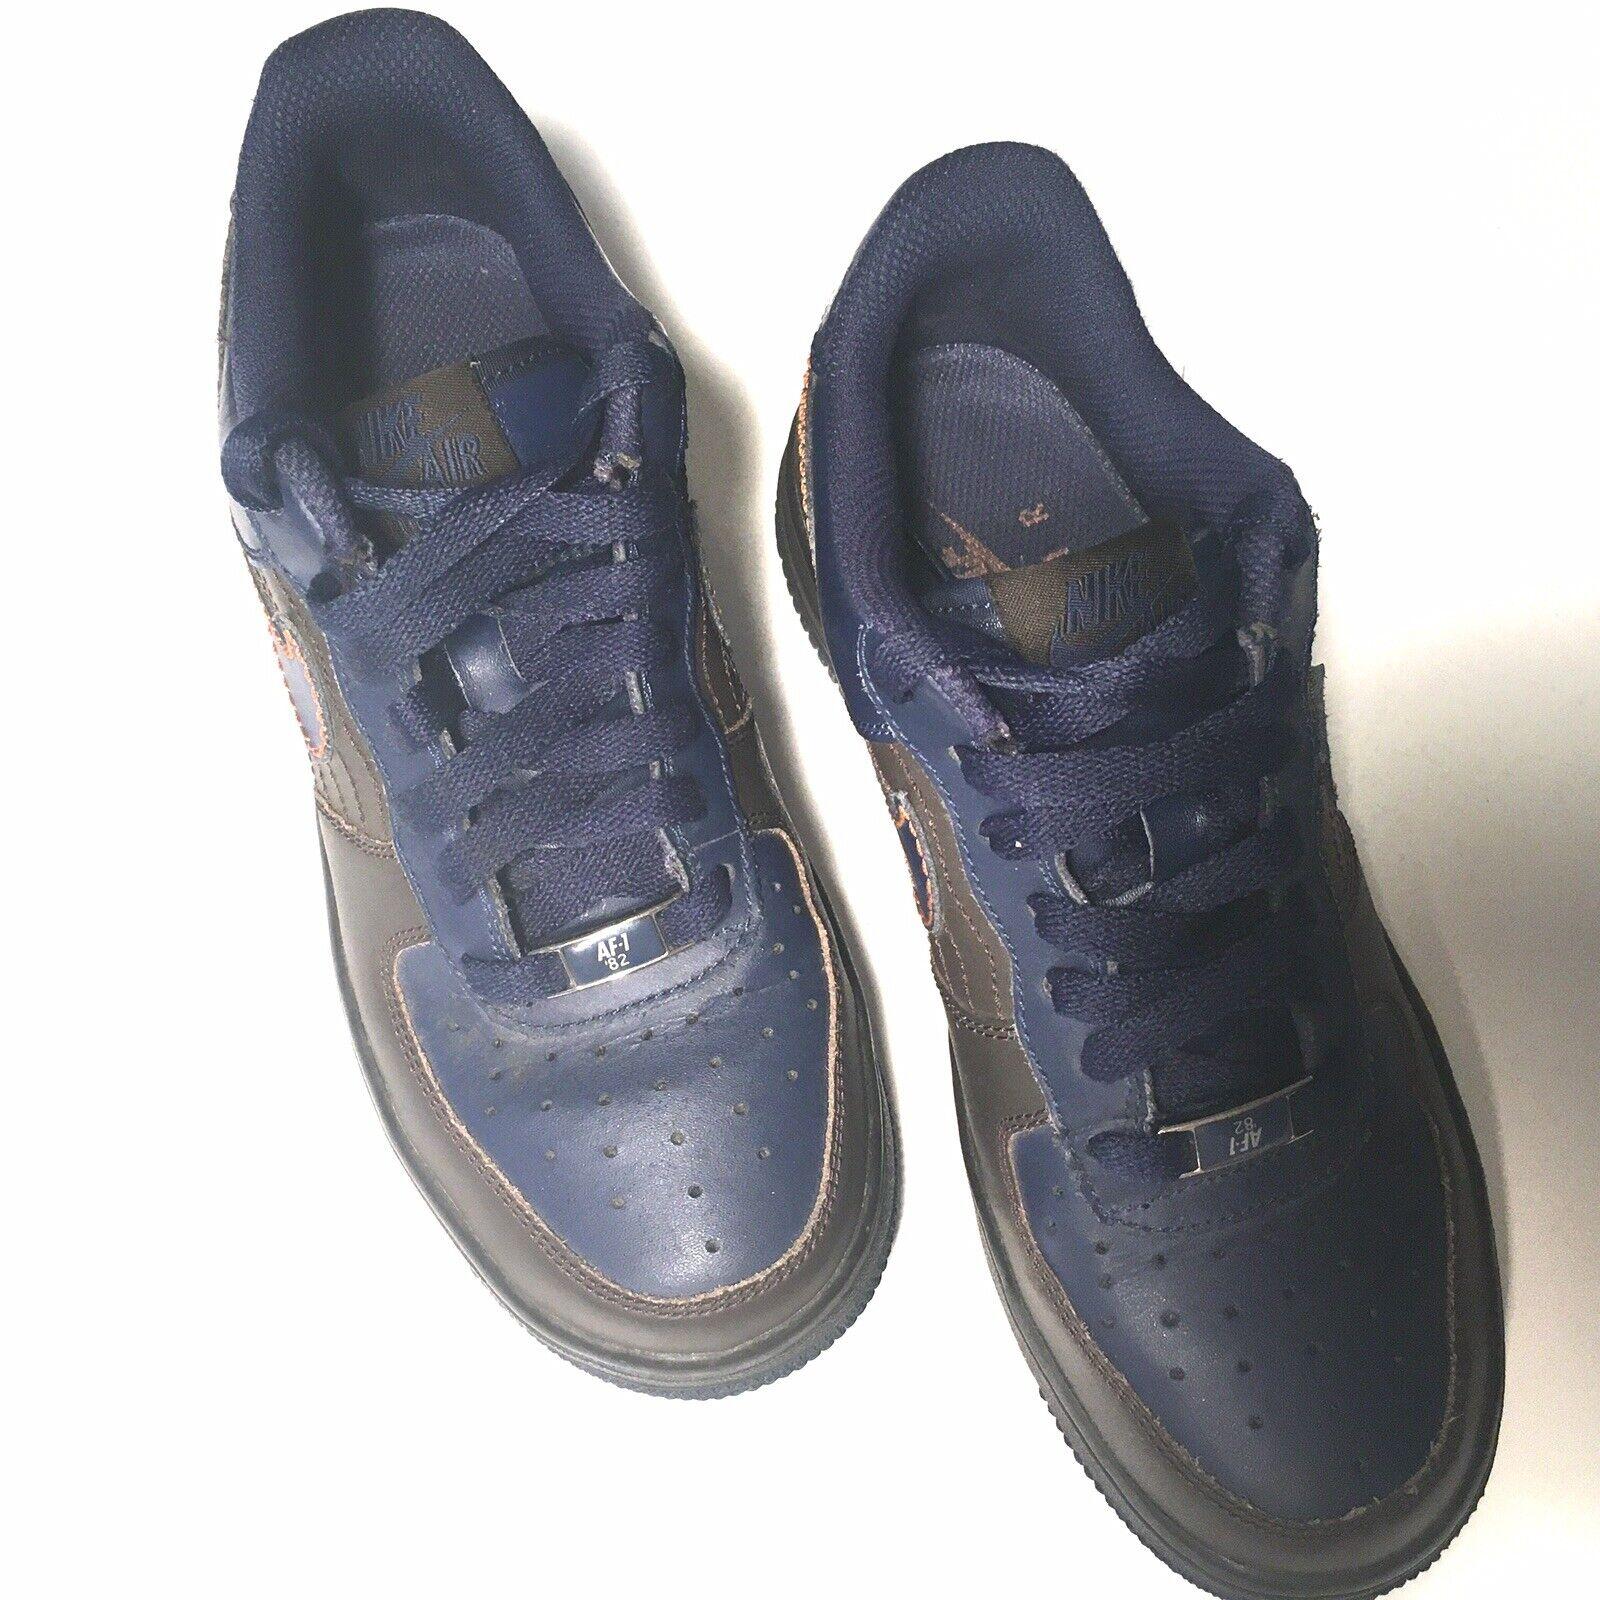 Nike Youth Air Force 1 Dark Cinder Blue Orange 82 Low Charles ...